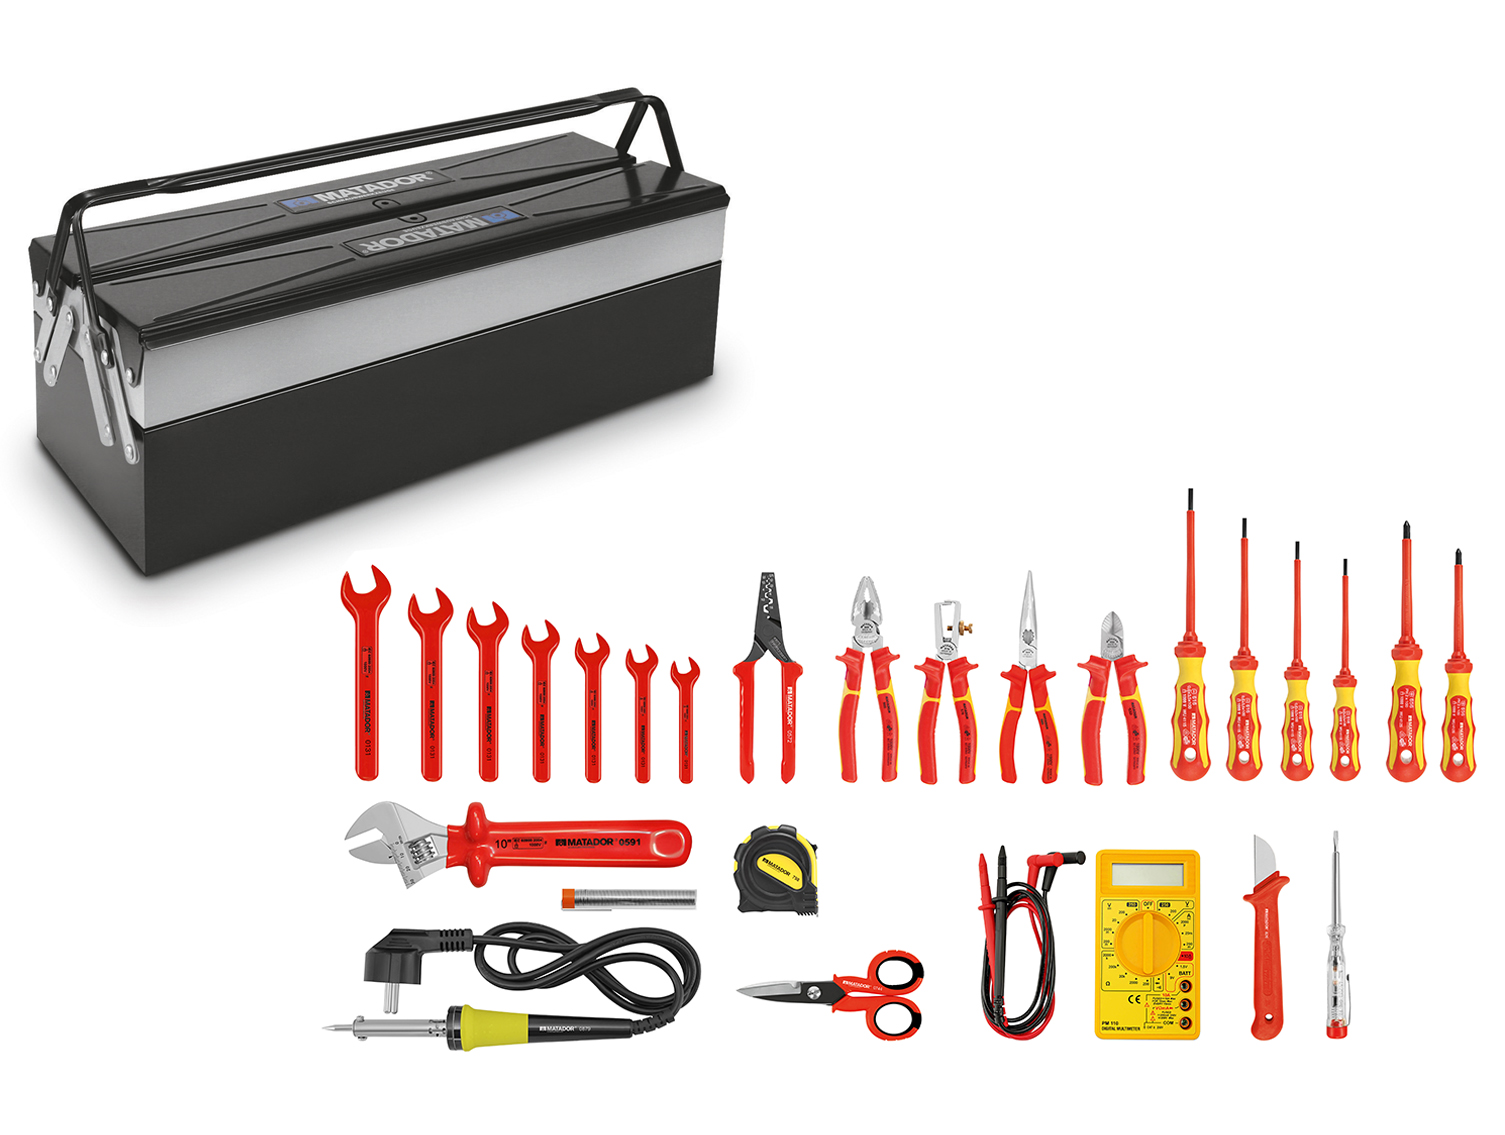 Ein praktischer Allround-Werkzeugsatz mit 26 Werkzeugen von MATADOR.